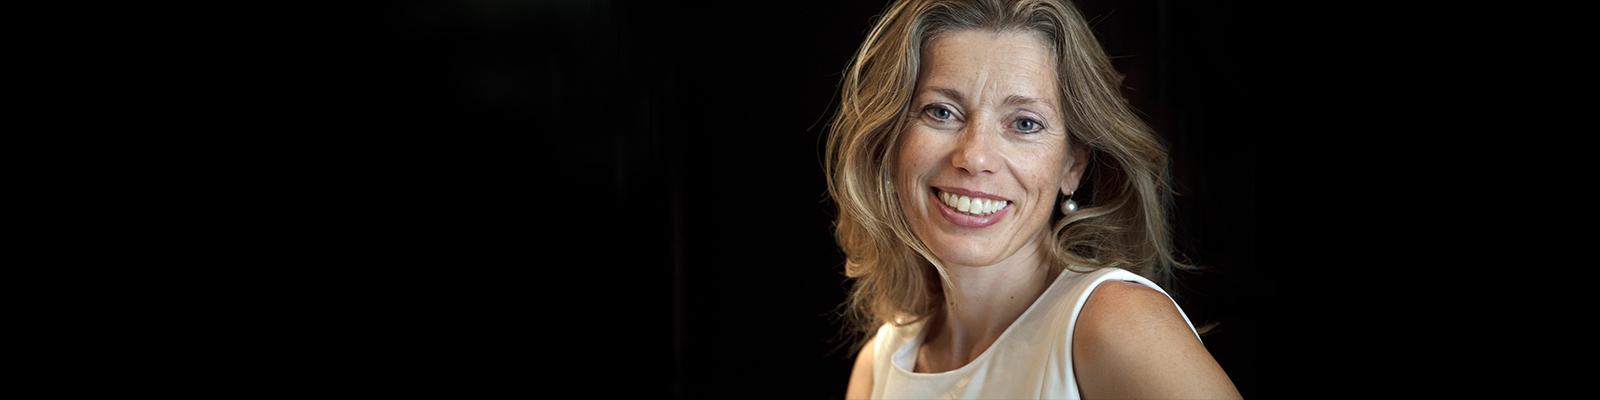 Kathrin Grüneis, Ihre persönliche Partnervermittlung